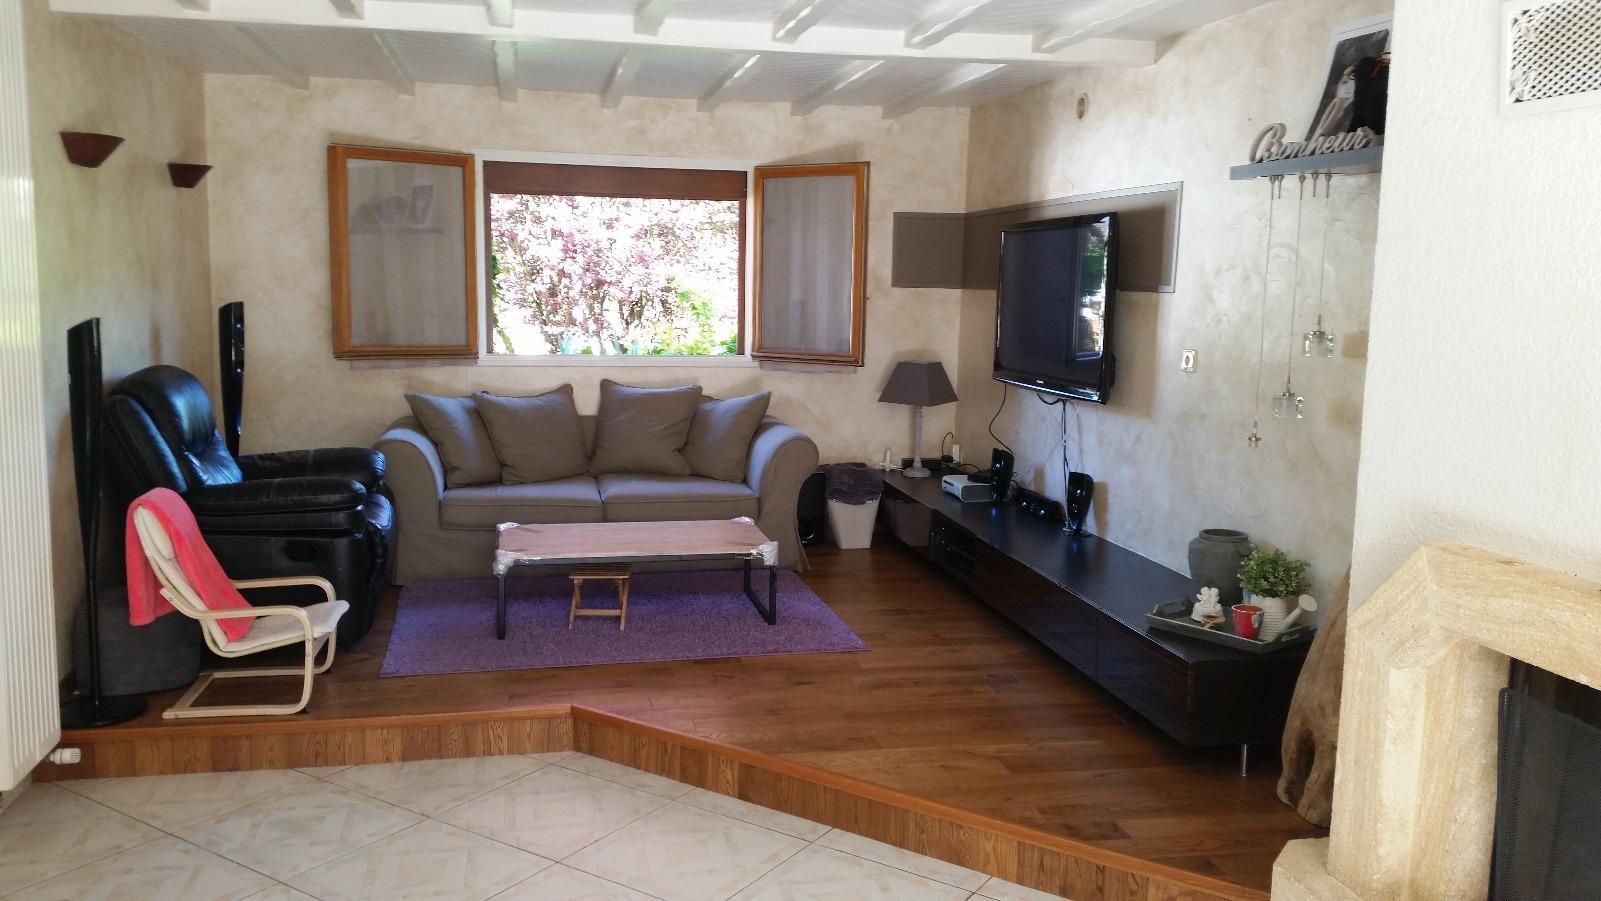 Vente belle maison de 160 m2 dans quartier calme proche for Code postal villecresnes